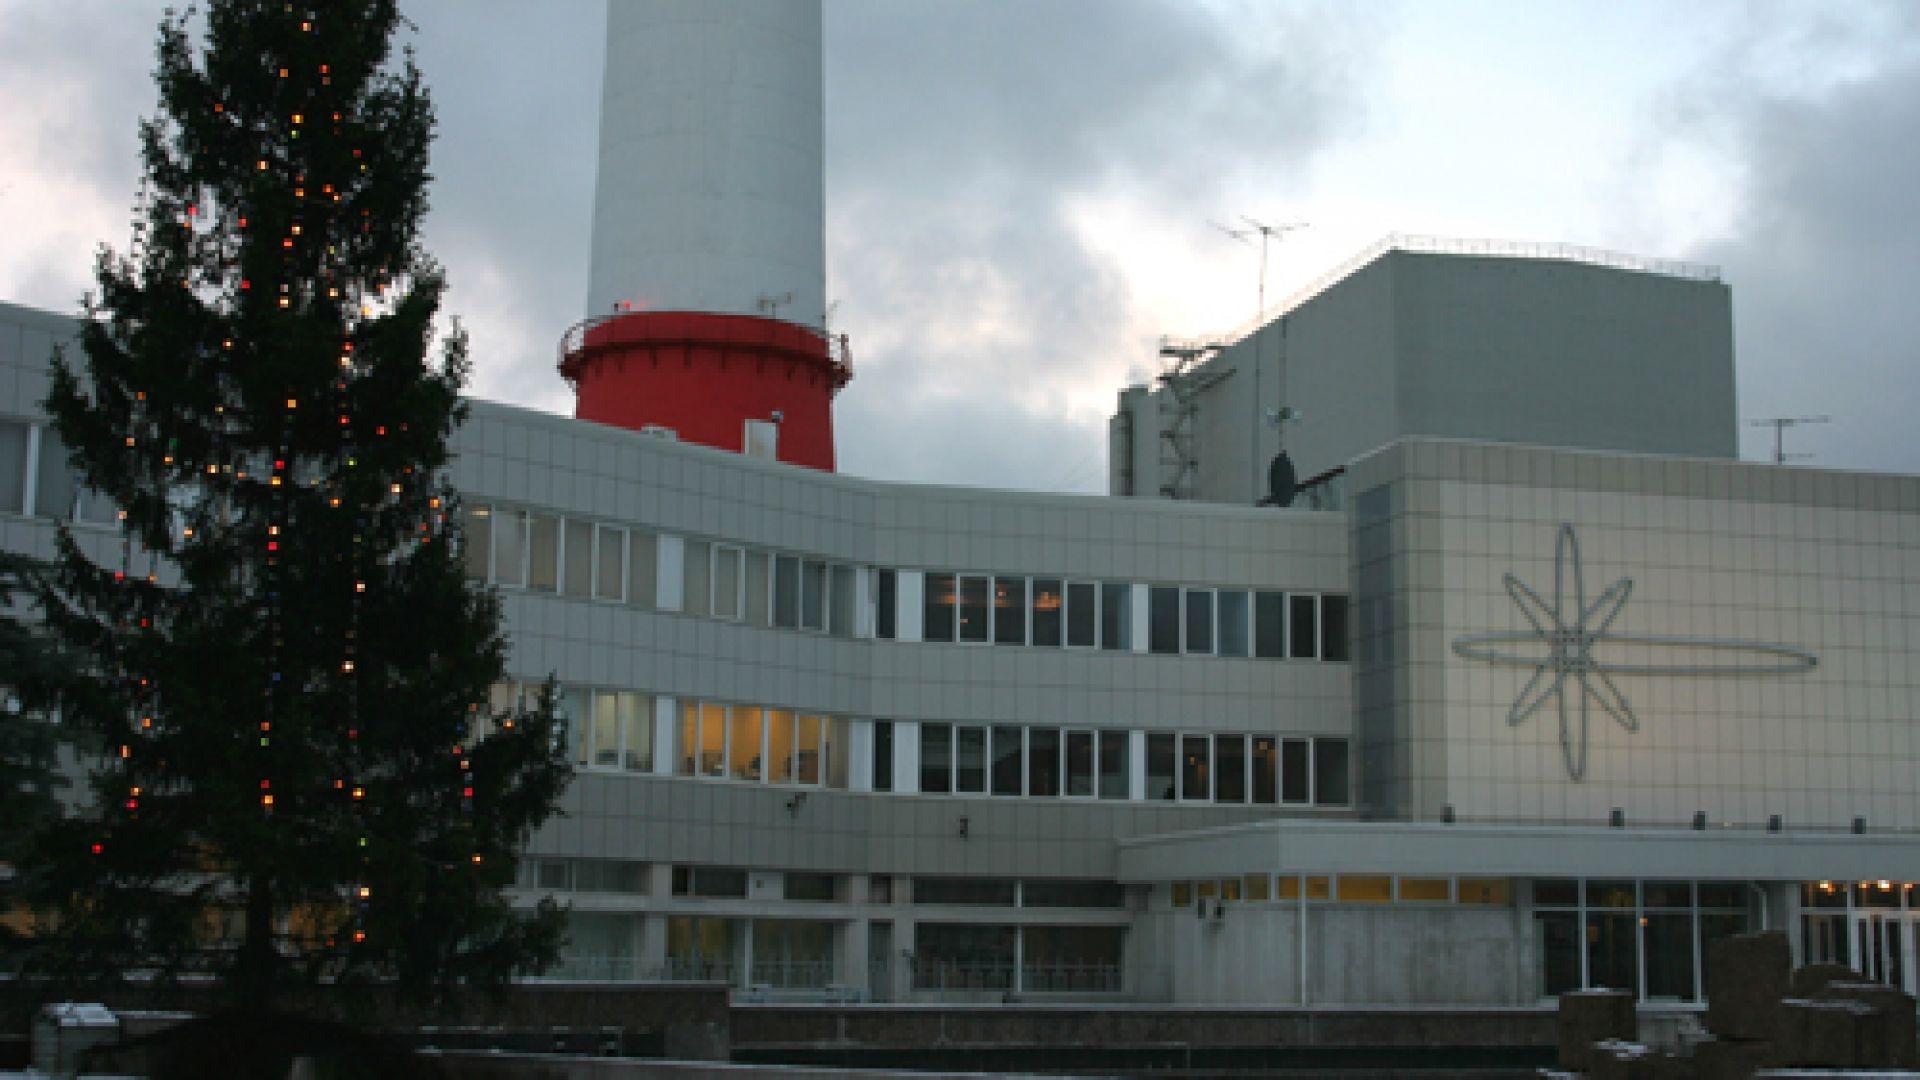 45 години стигат - Ленинградската АЕЦ спря завинаги първия си реактор